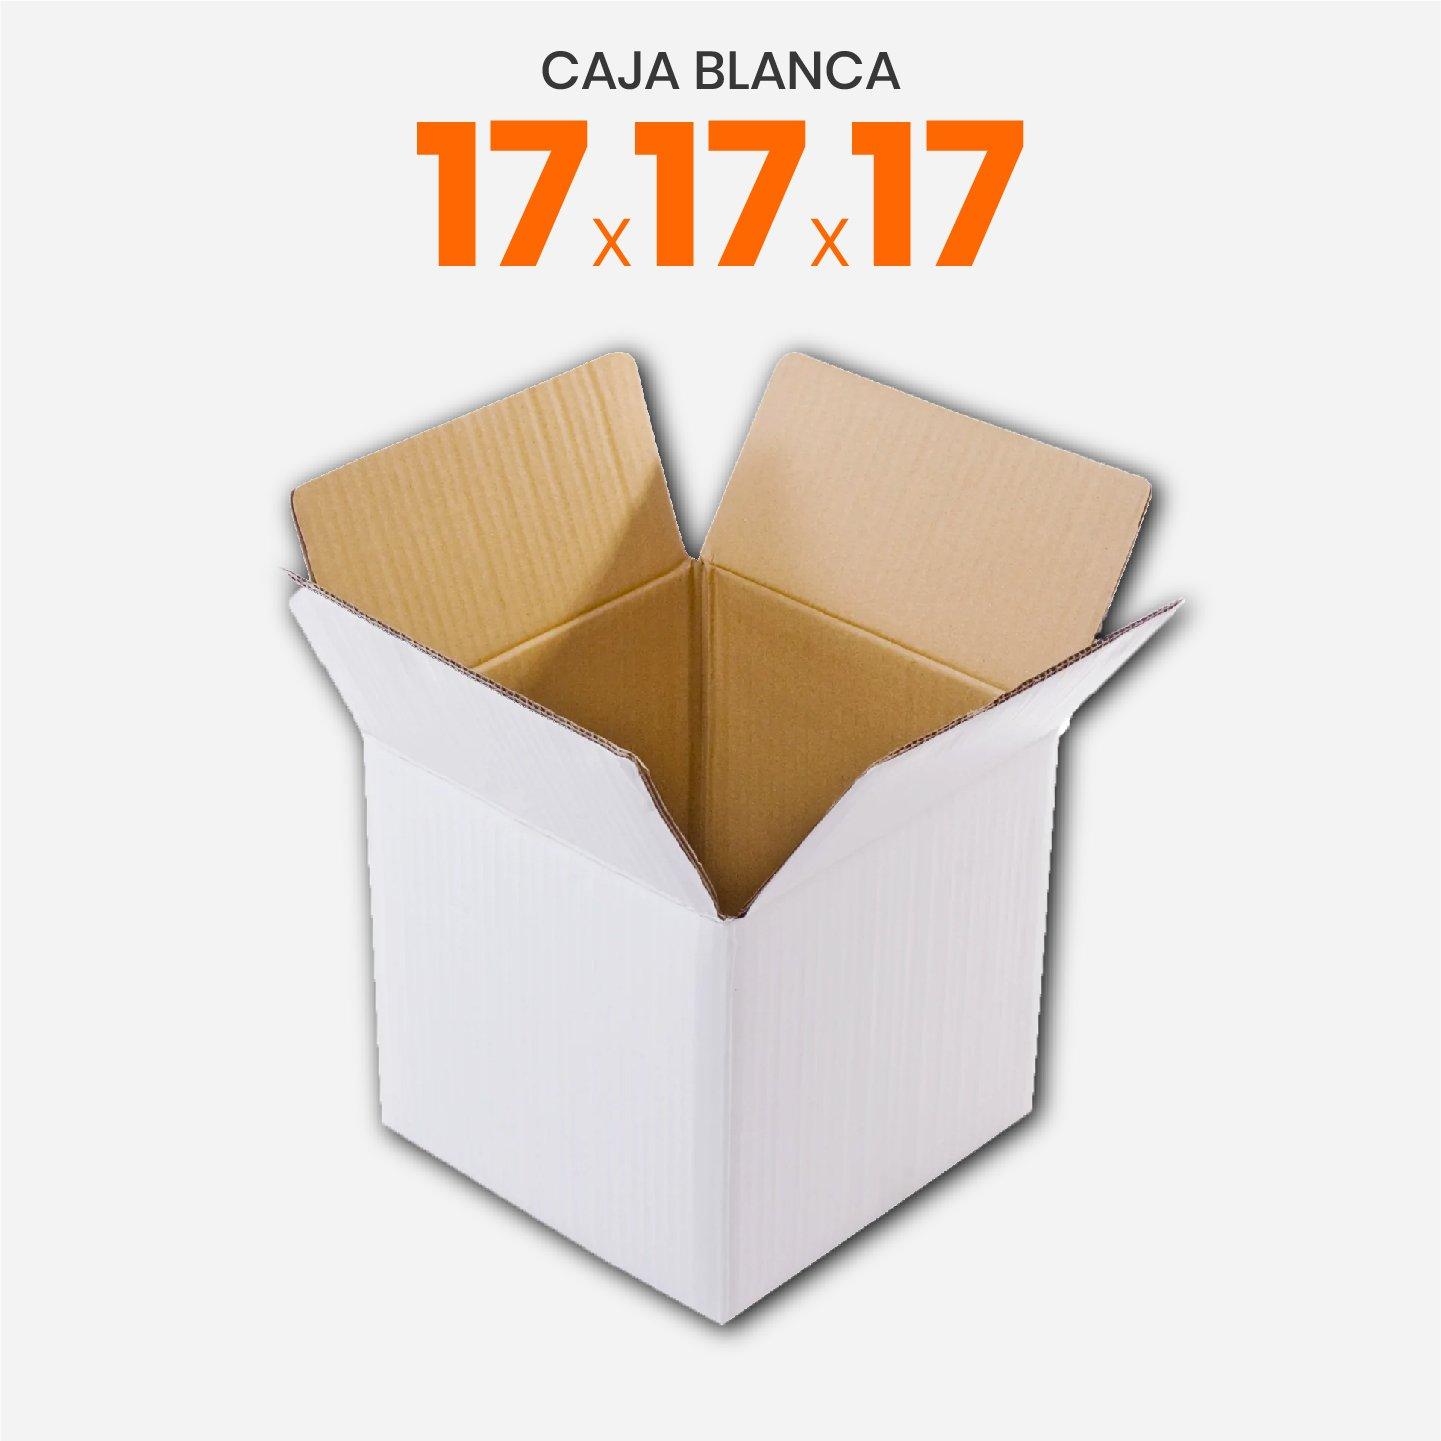 Caja De Cartón Corrugado Reforzada Blanca 17x17x17